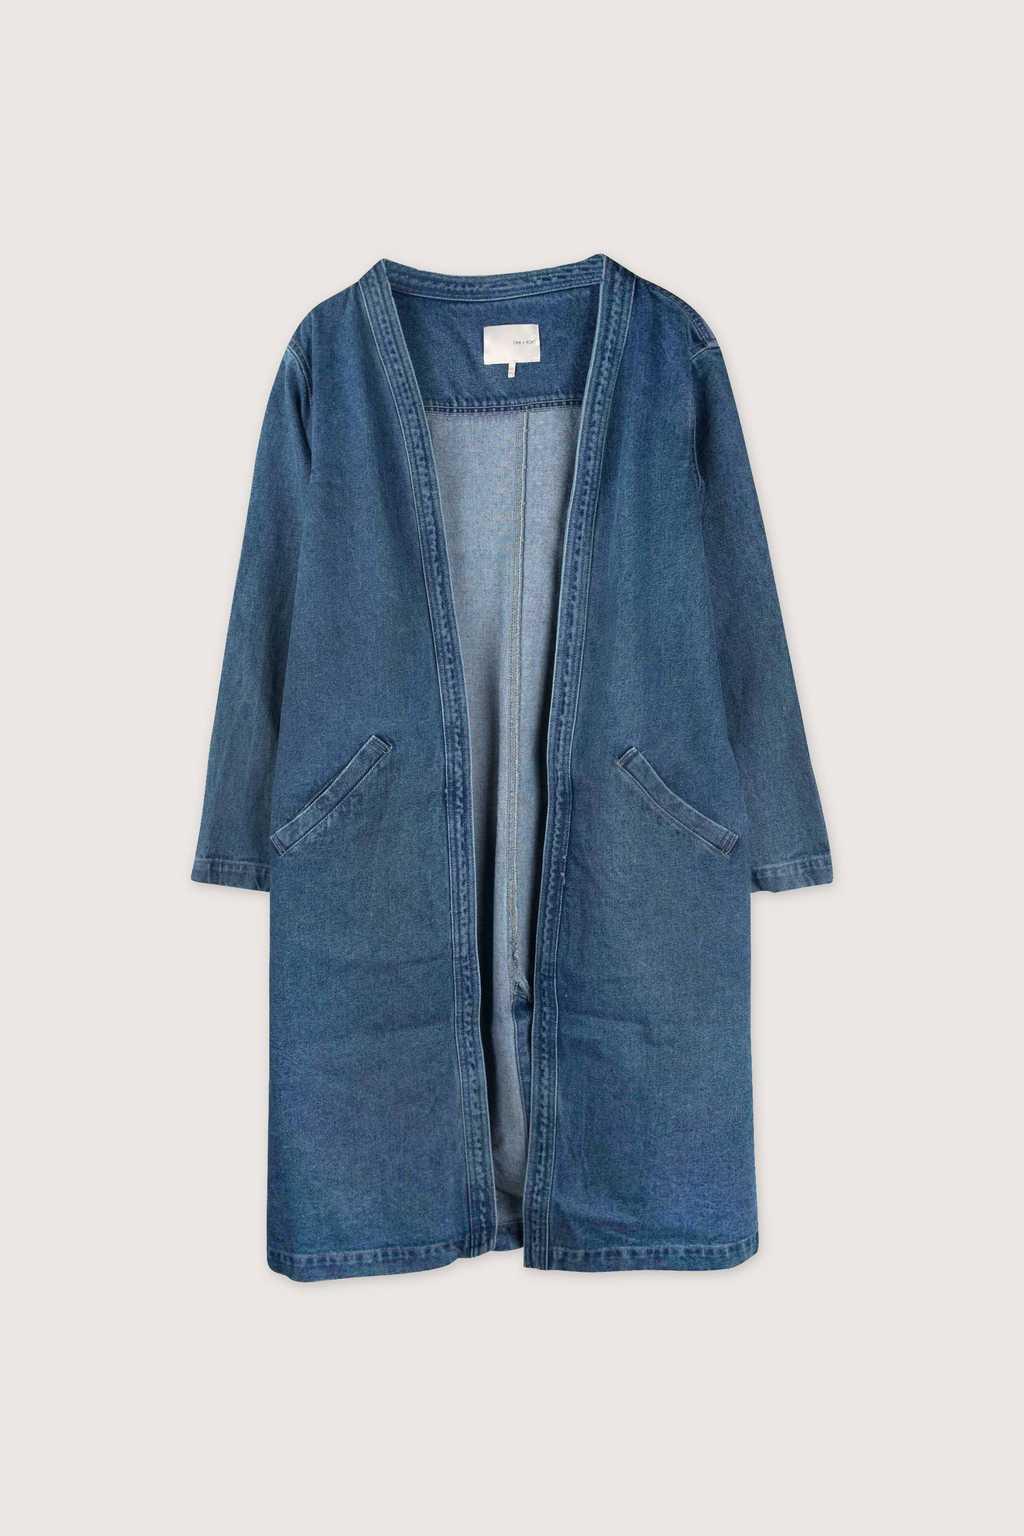 Coat H043 Indigo 5